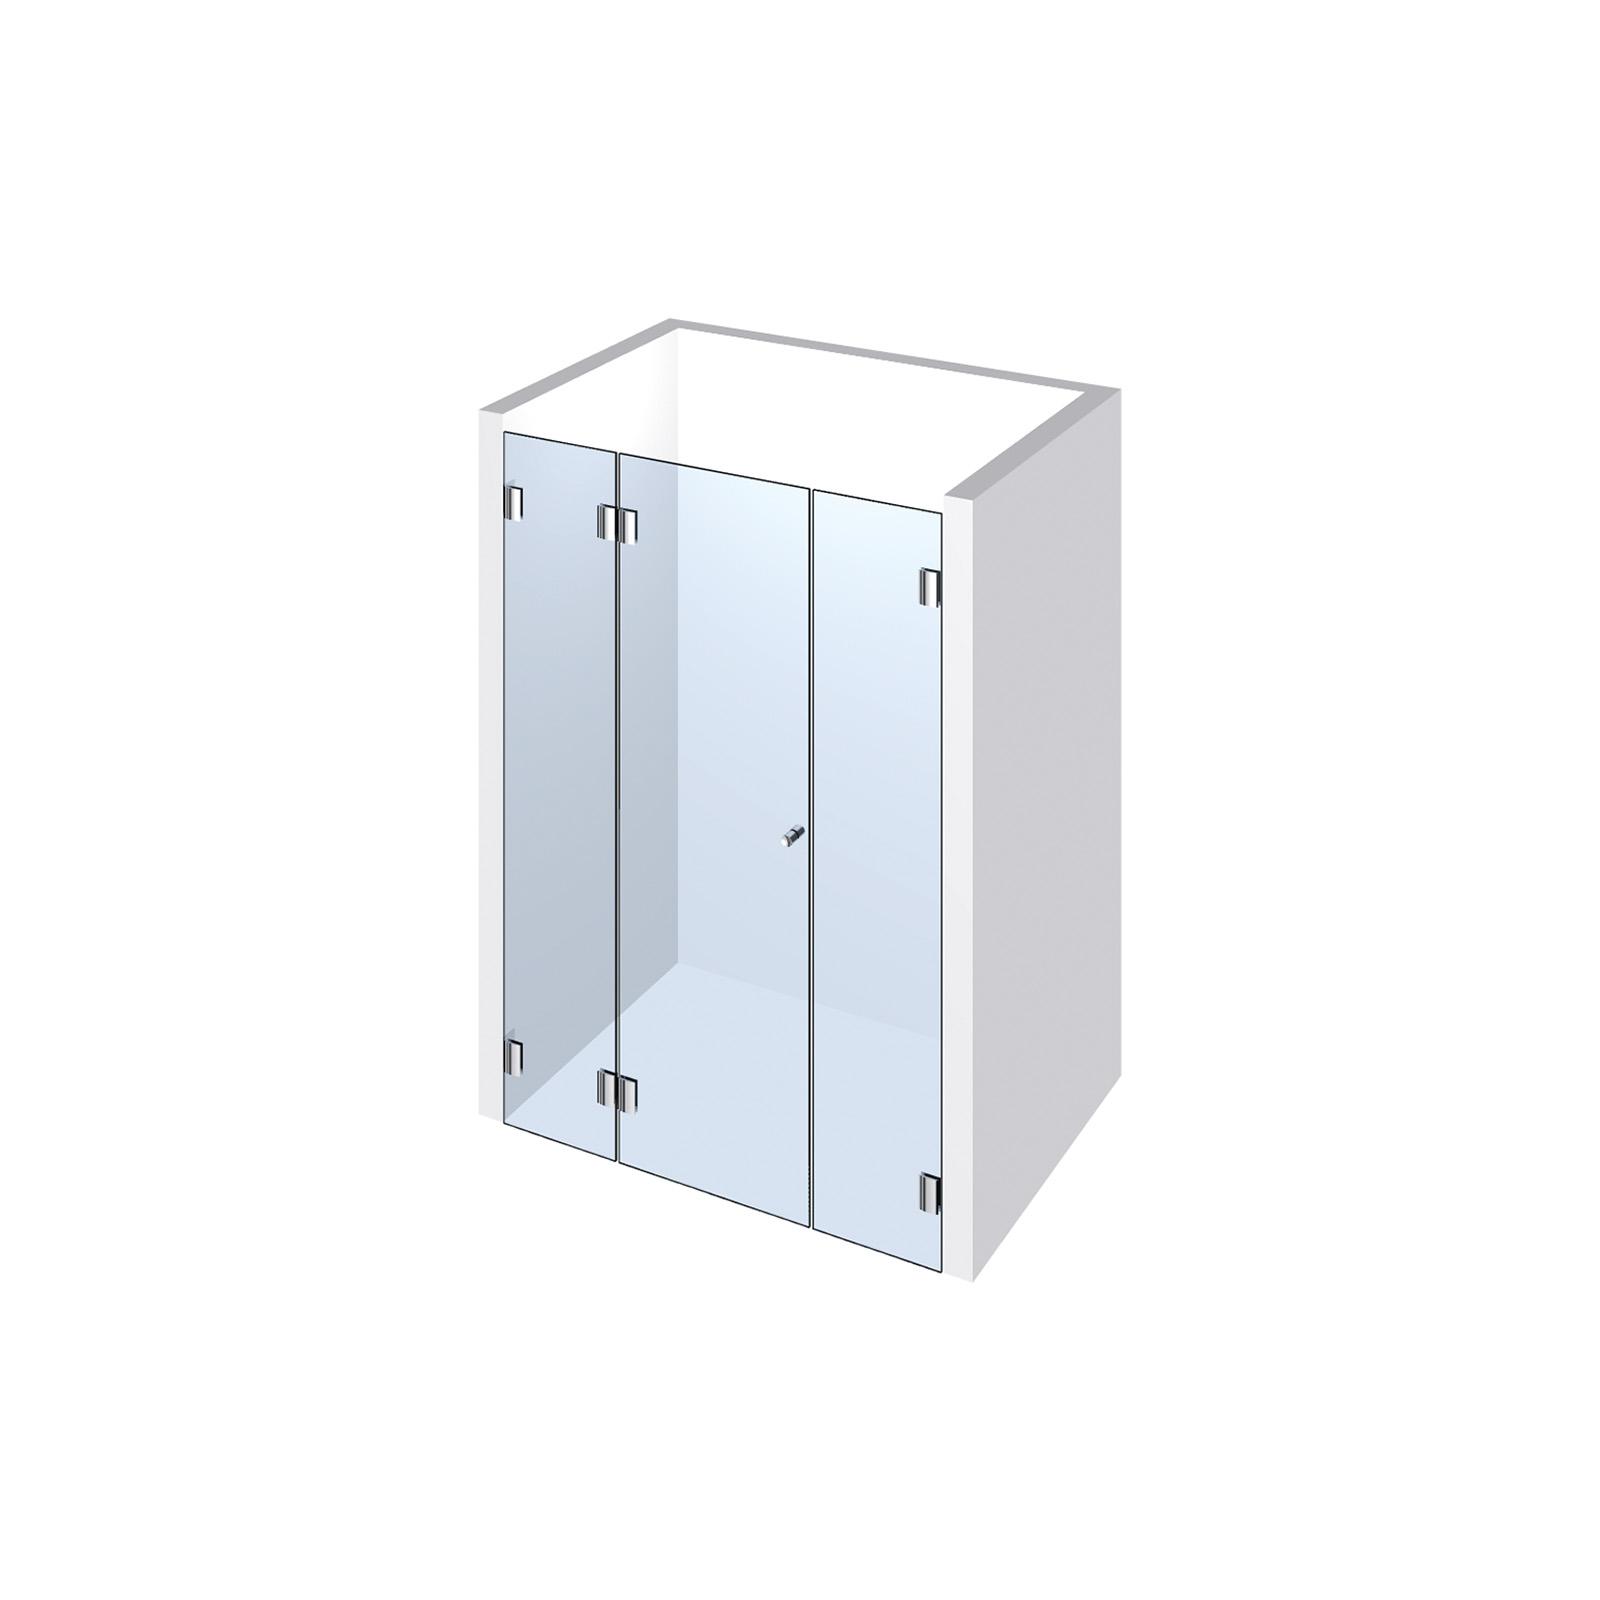 echtglasdusche typ 105 weitere aus glas duschkabinen duschw nde. Black Bedroom Furniture Sets. Home Design Ideas